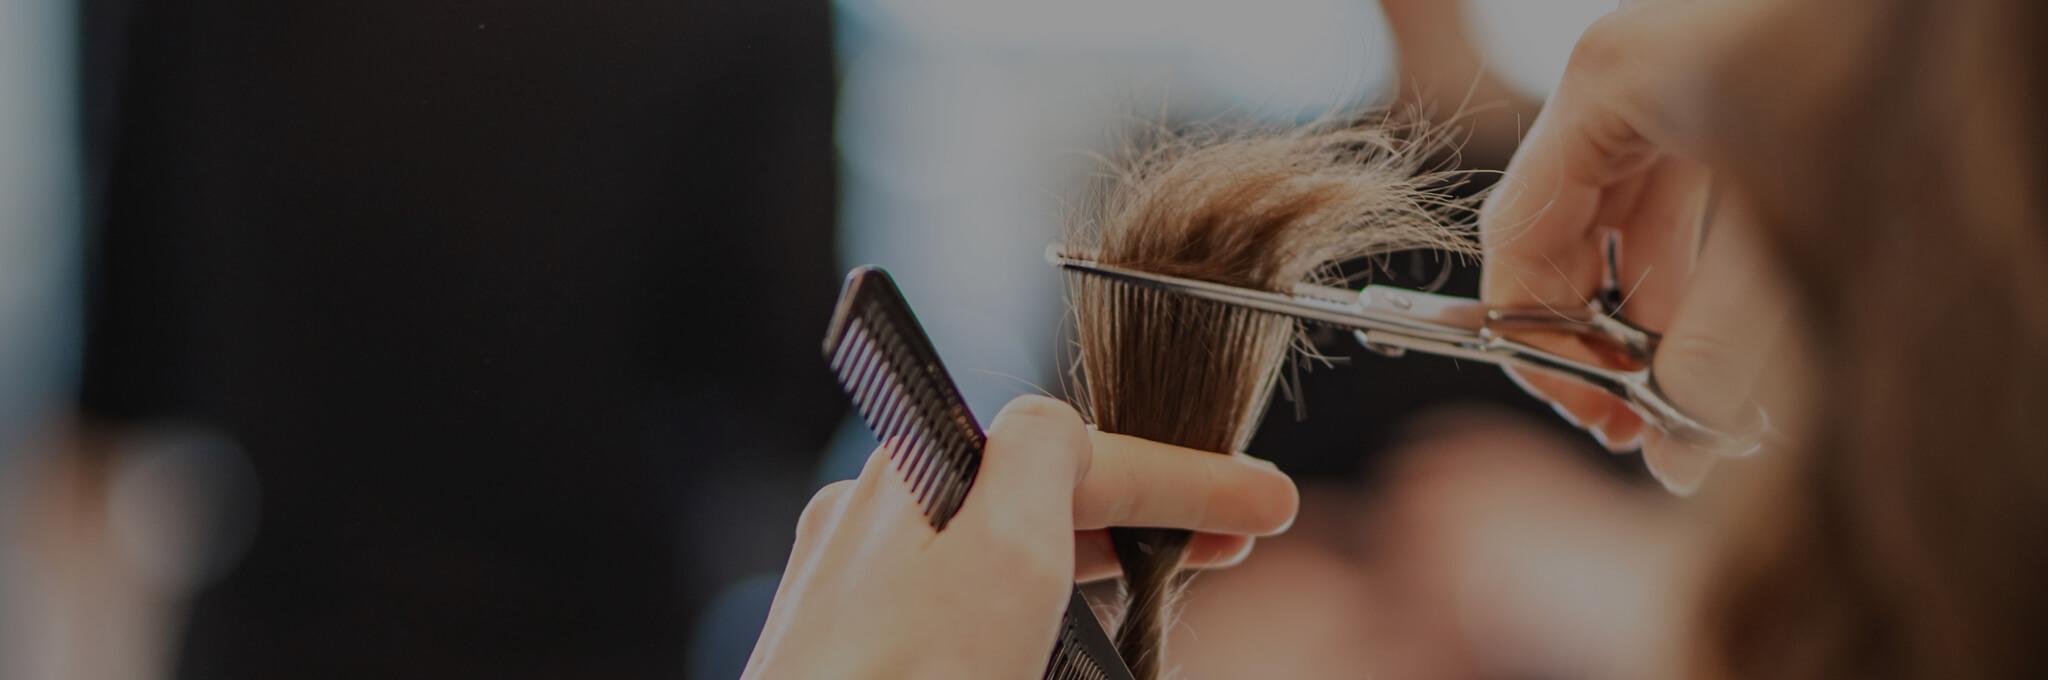 Taglio e acconciatura capelli donna - Jo Capelli